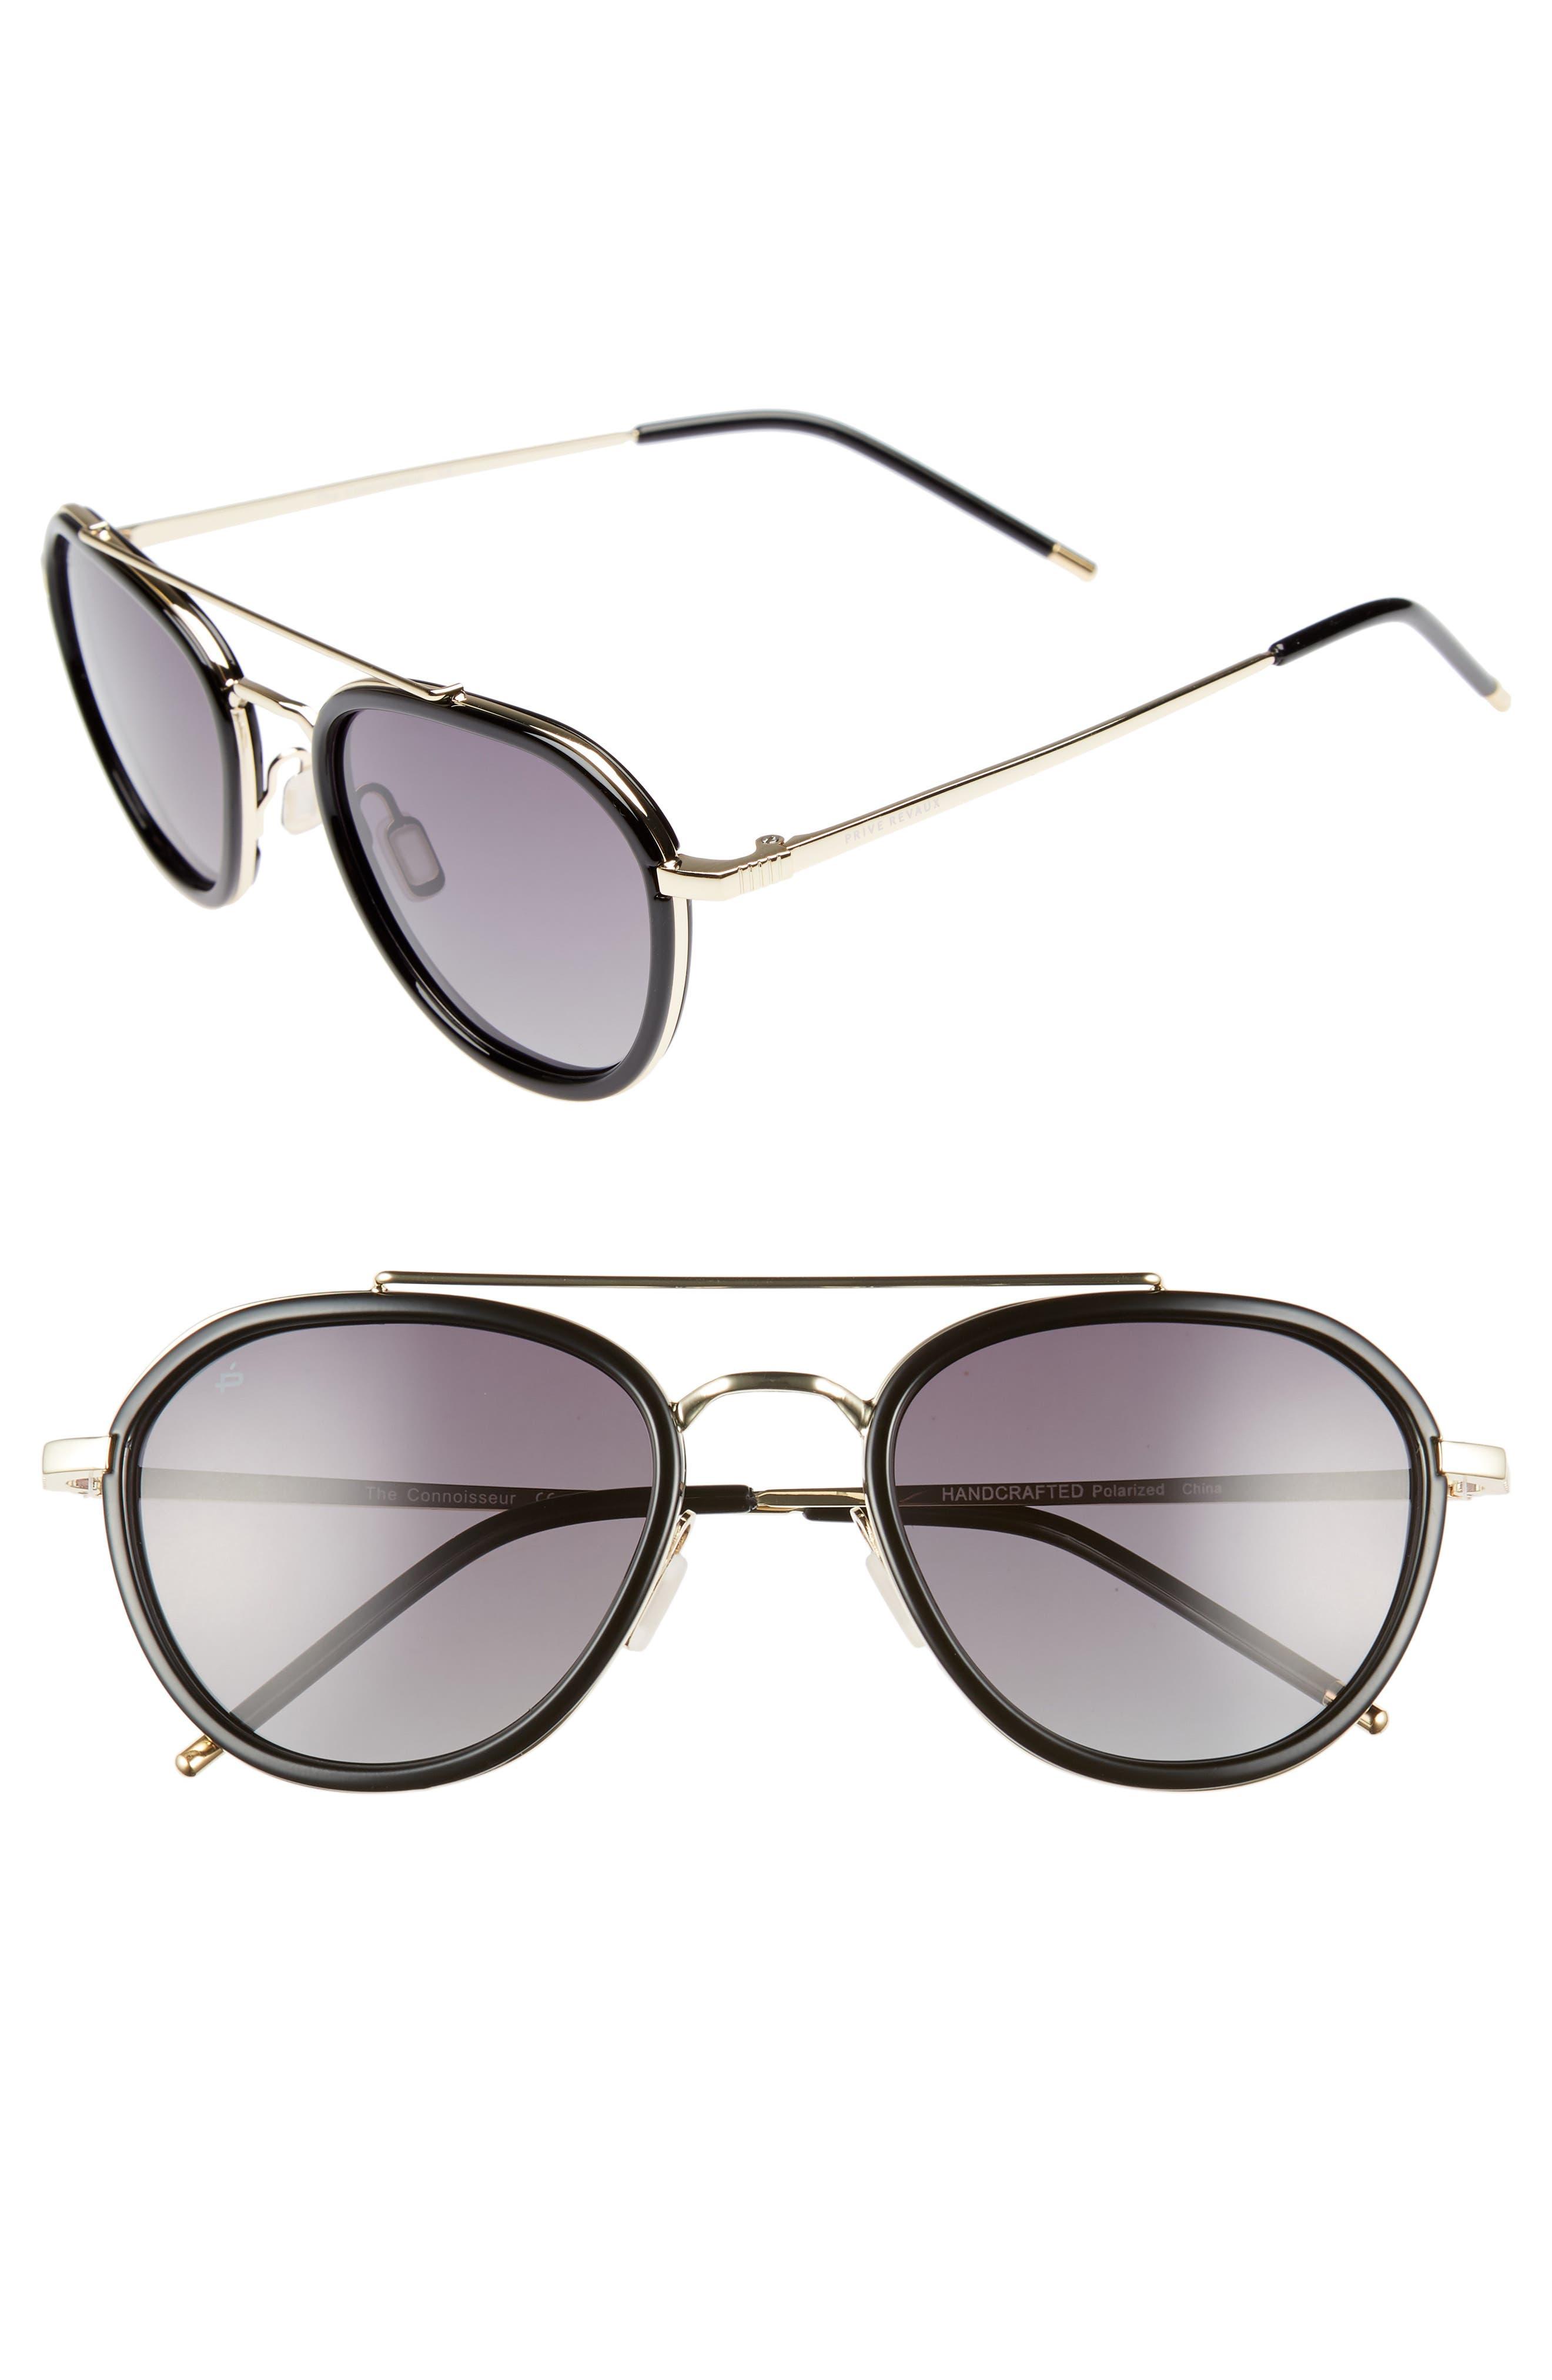 Privé Revaux The Connoisseur 53mm Polarized Sunglasses,                             Main thumbnail 1, color,                             Black